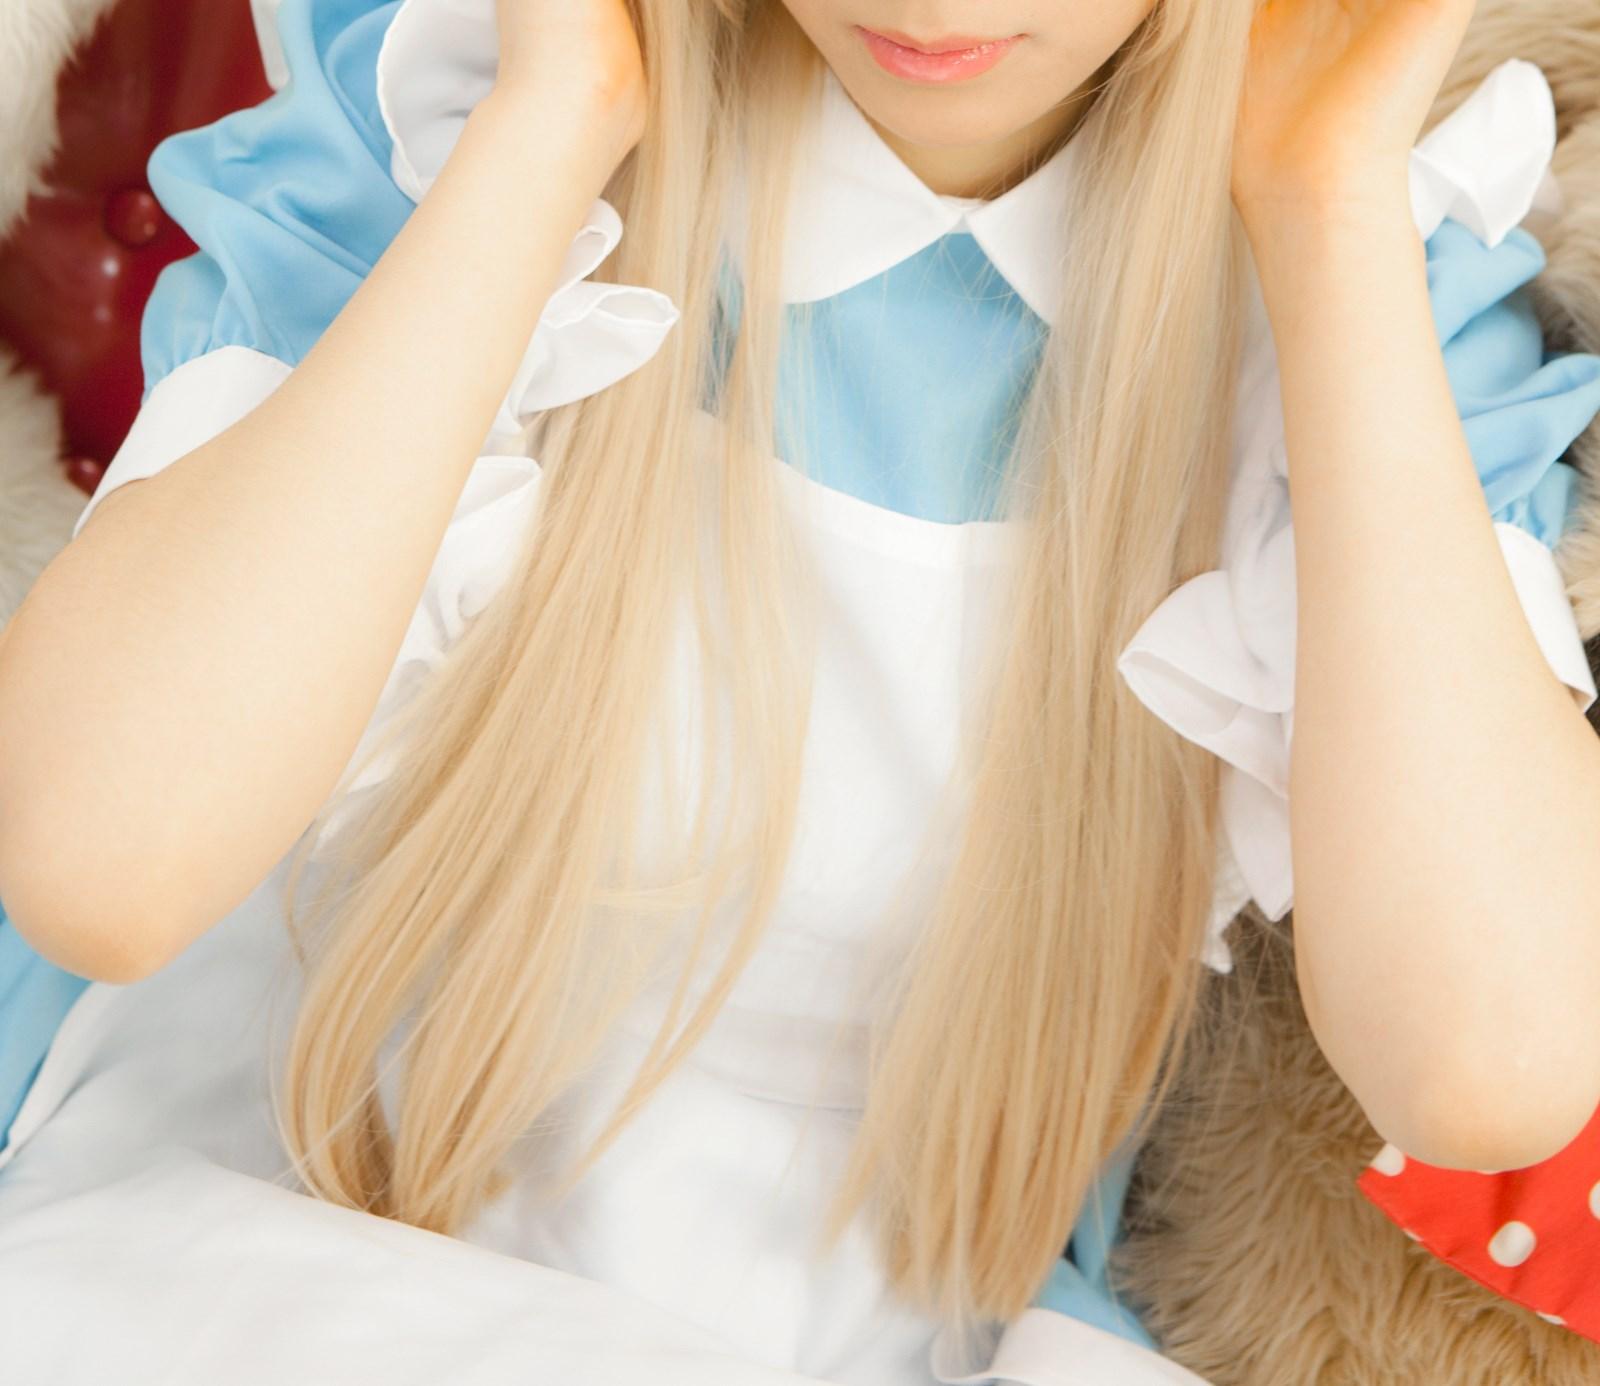 【兔玩映画】爱丽丝少女 兔玩映画 第19张